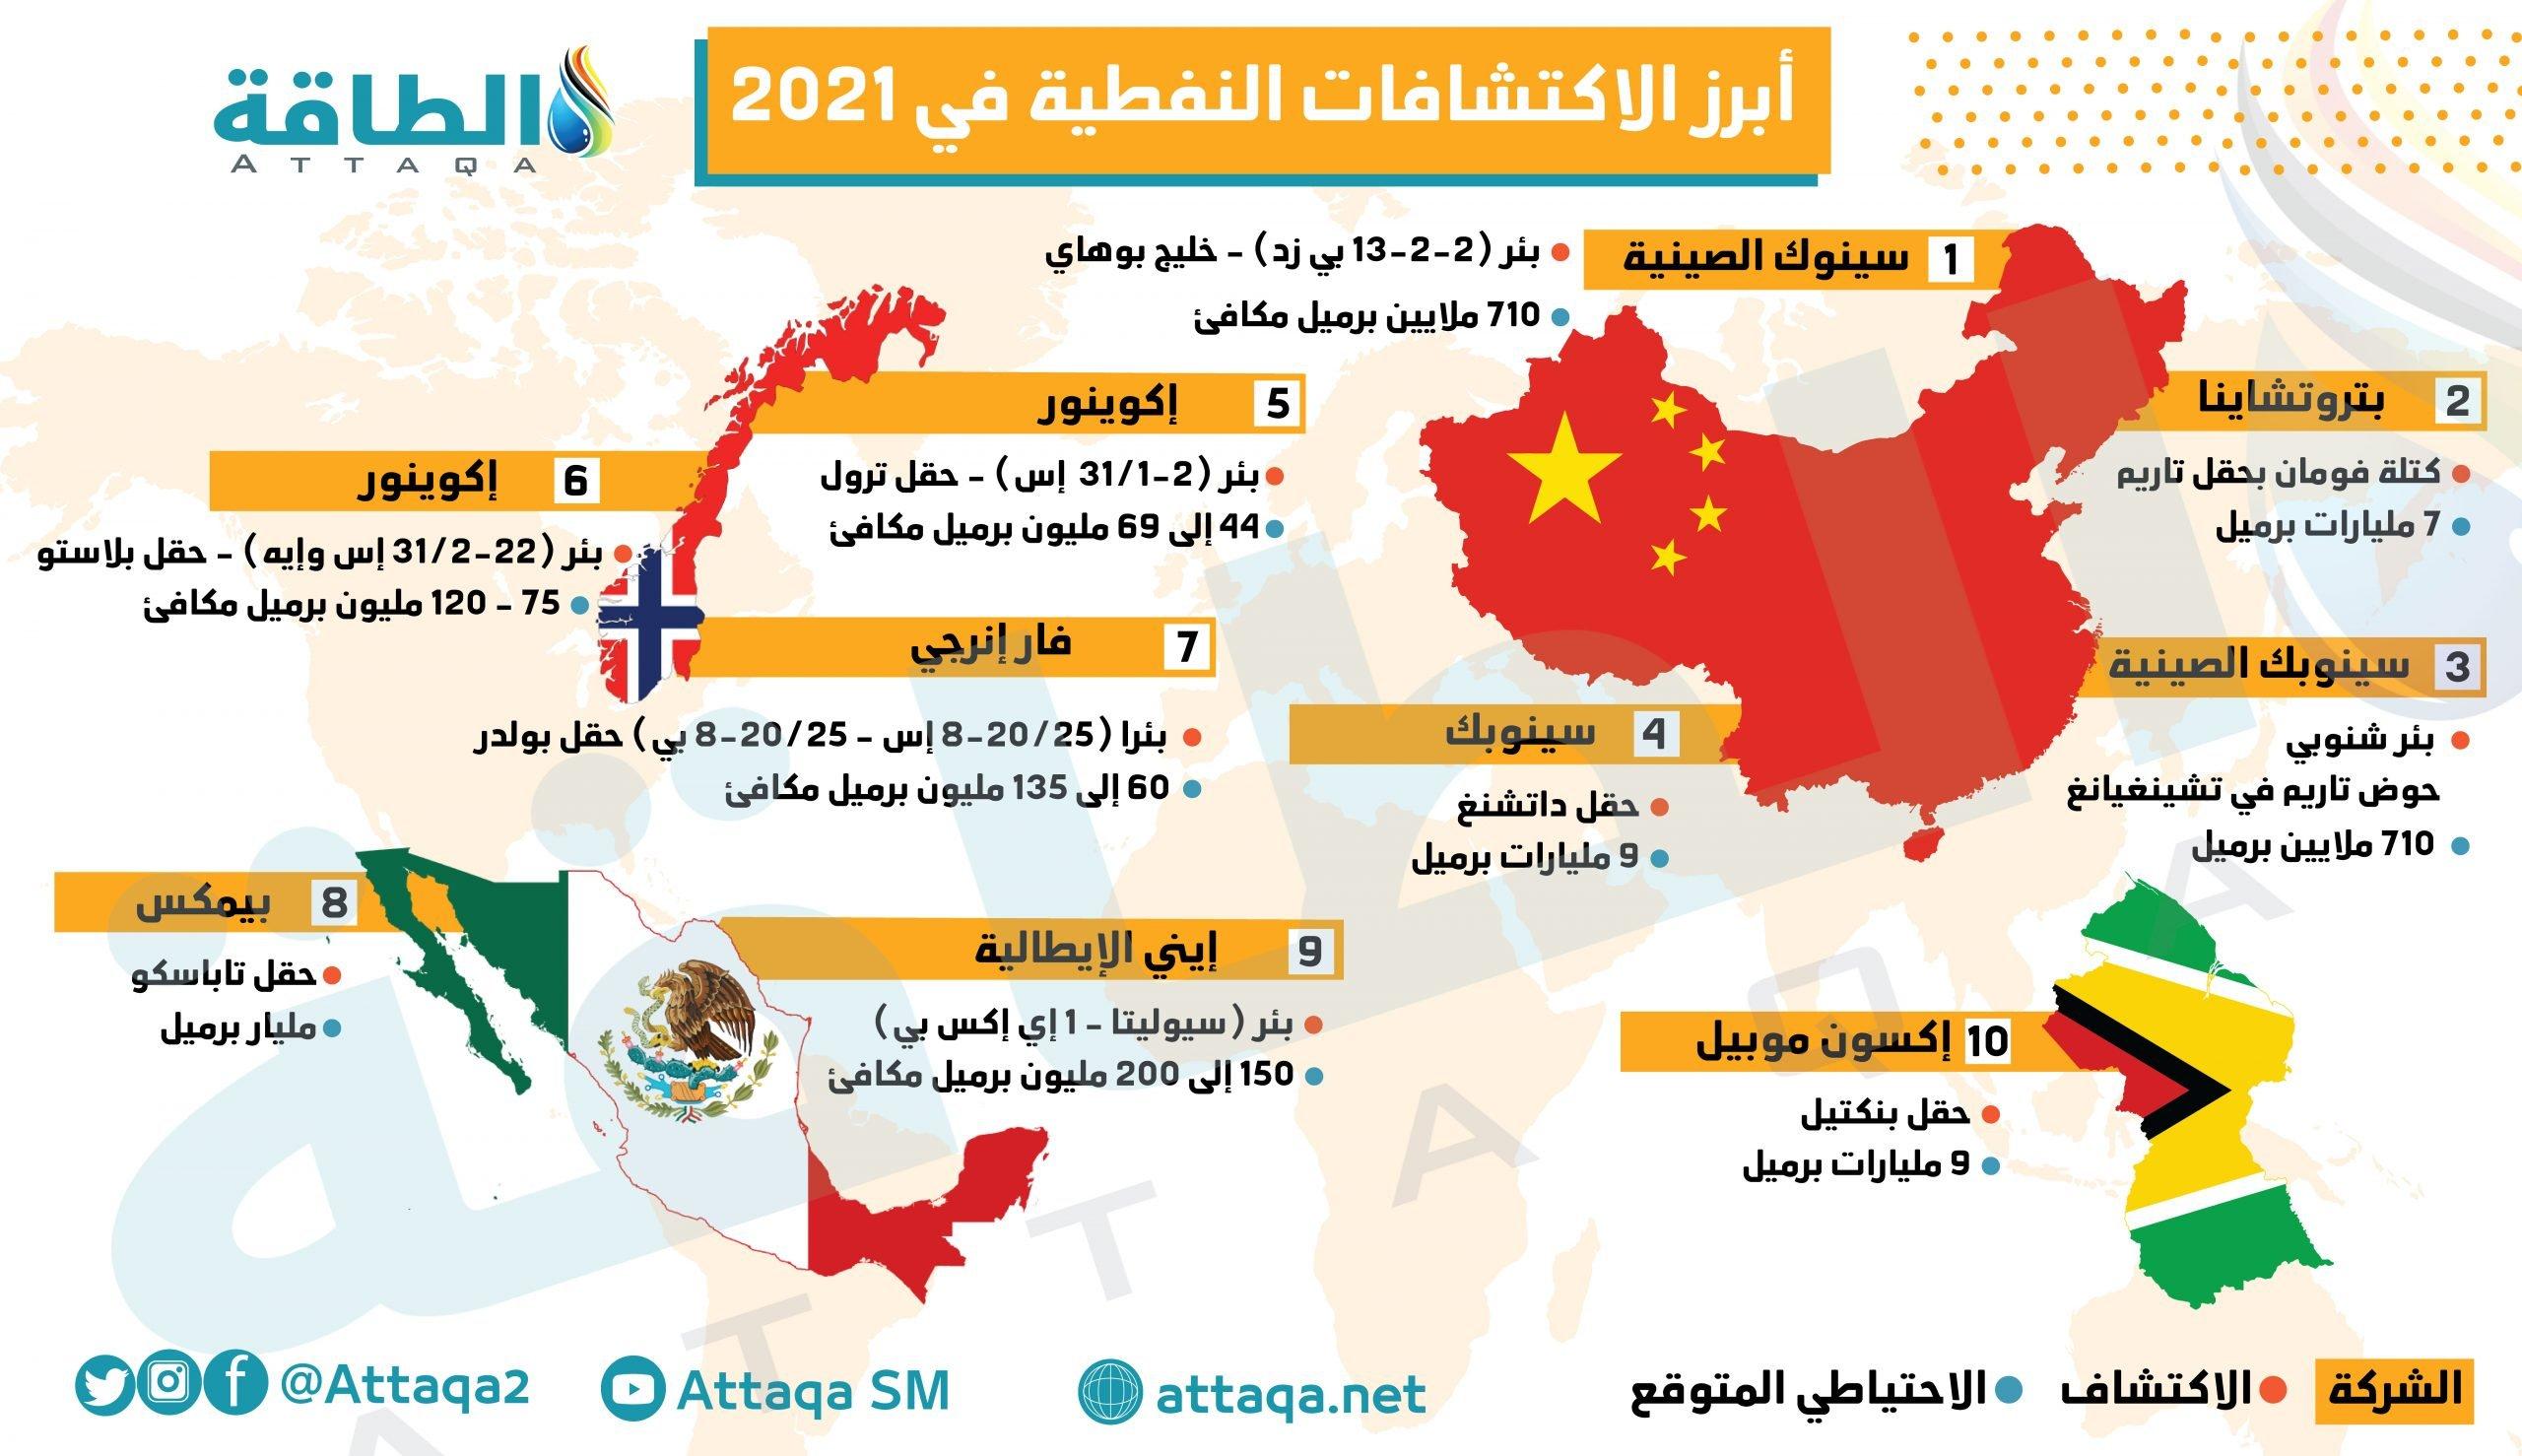 الاكتشافات النفطية في 2021